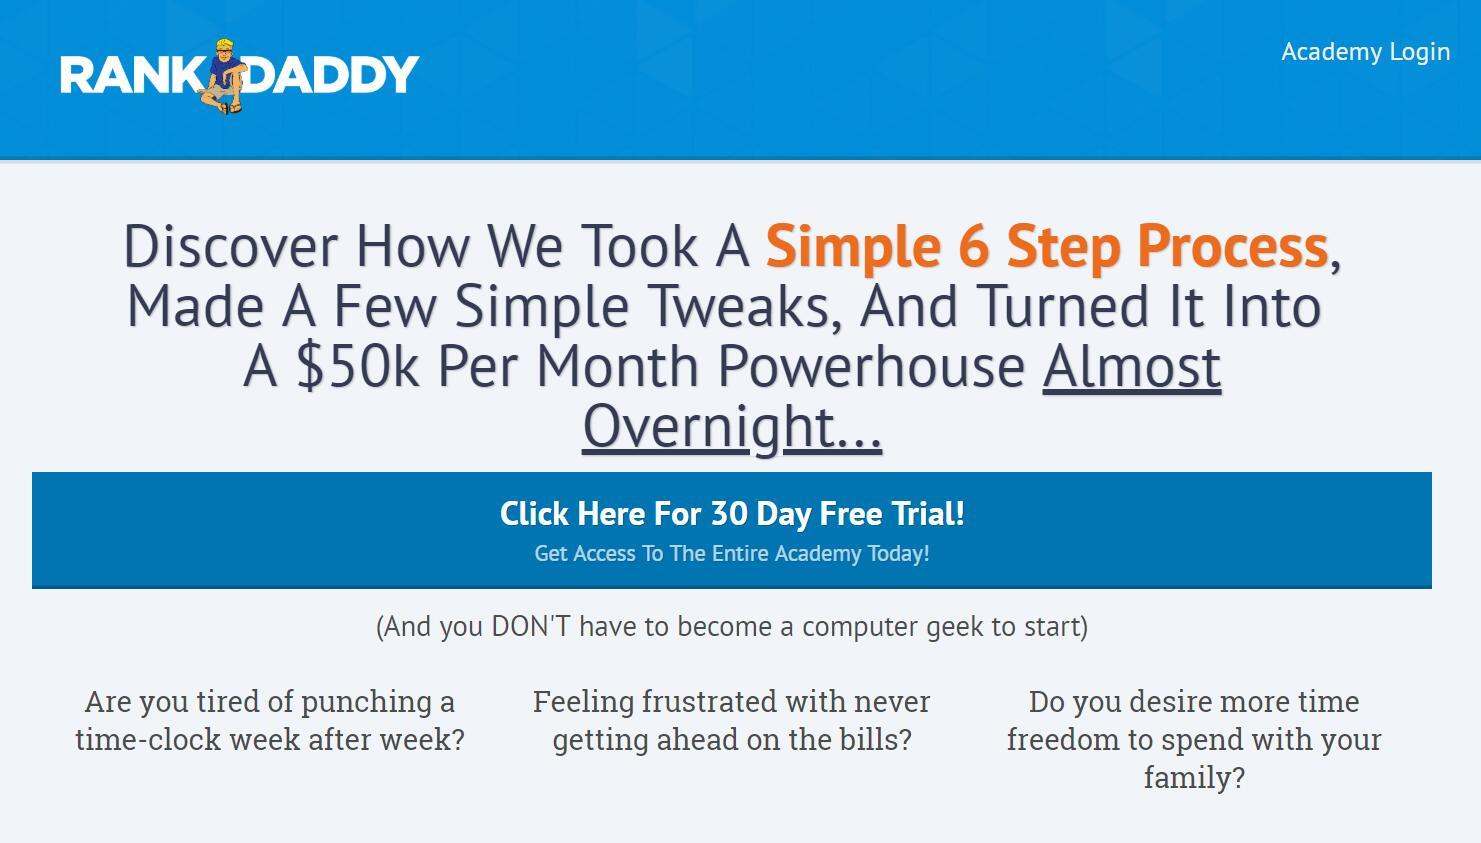 如何采取一个简单的六步过程,做一些简单的调整,几乎一夜之间并把它变成一个5万美元每月的赚钱源泉。(Rank Daddy Academy )